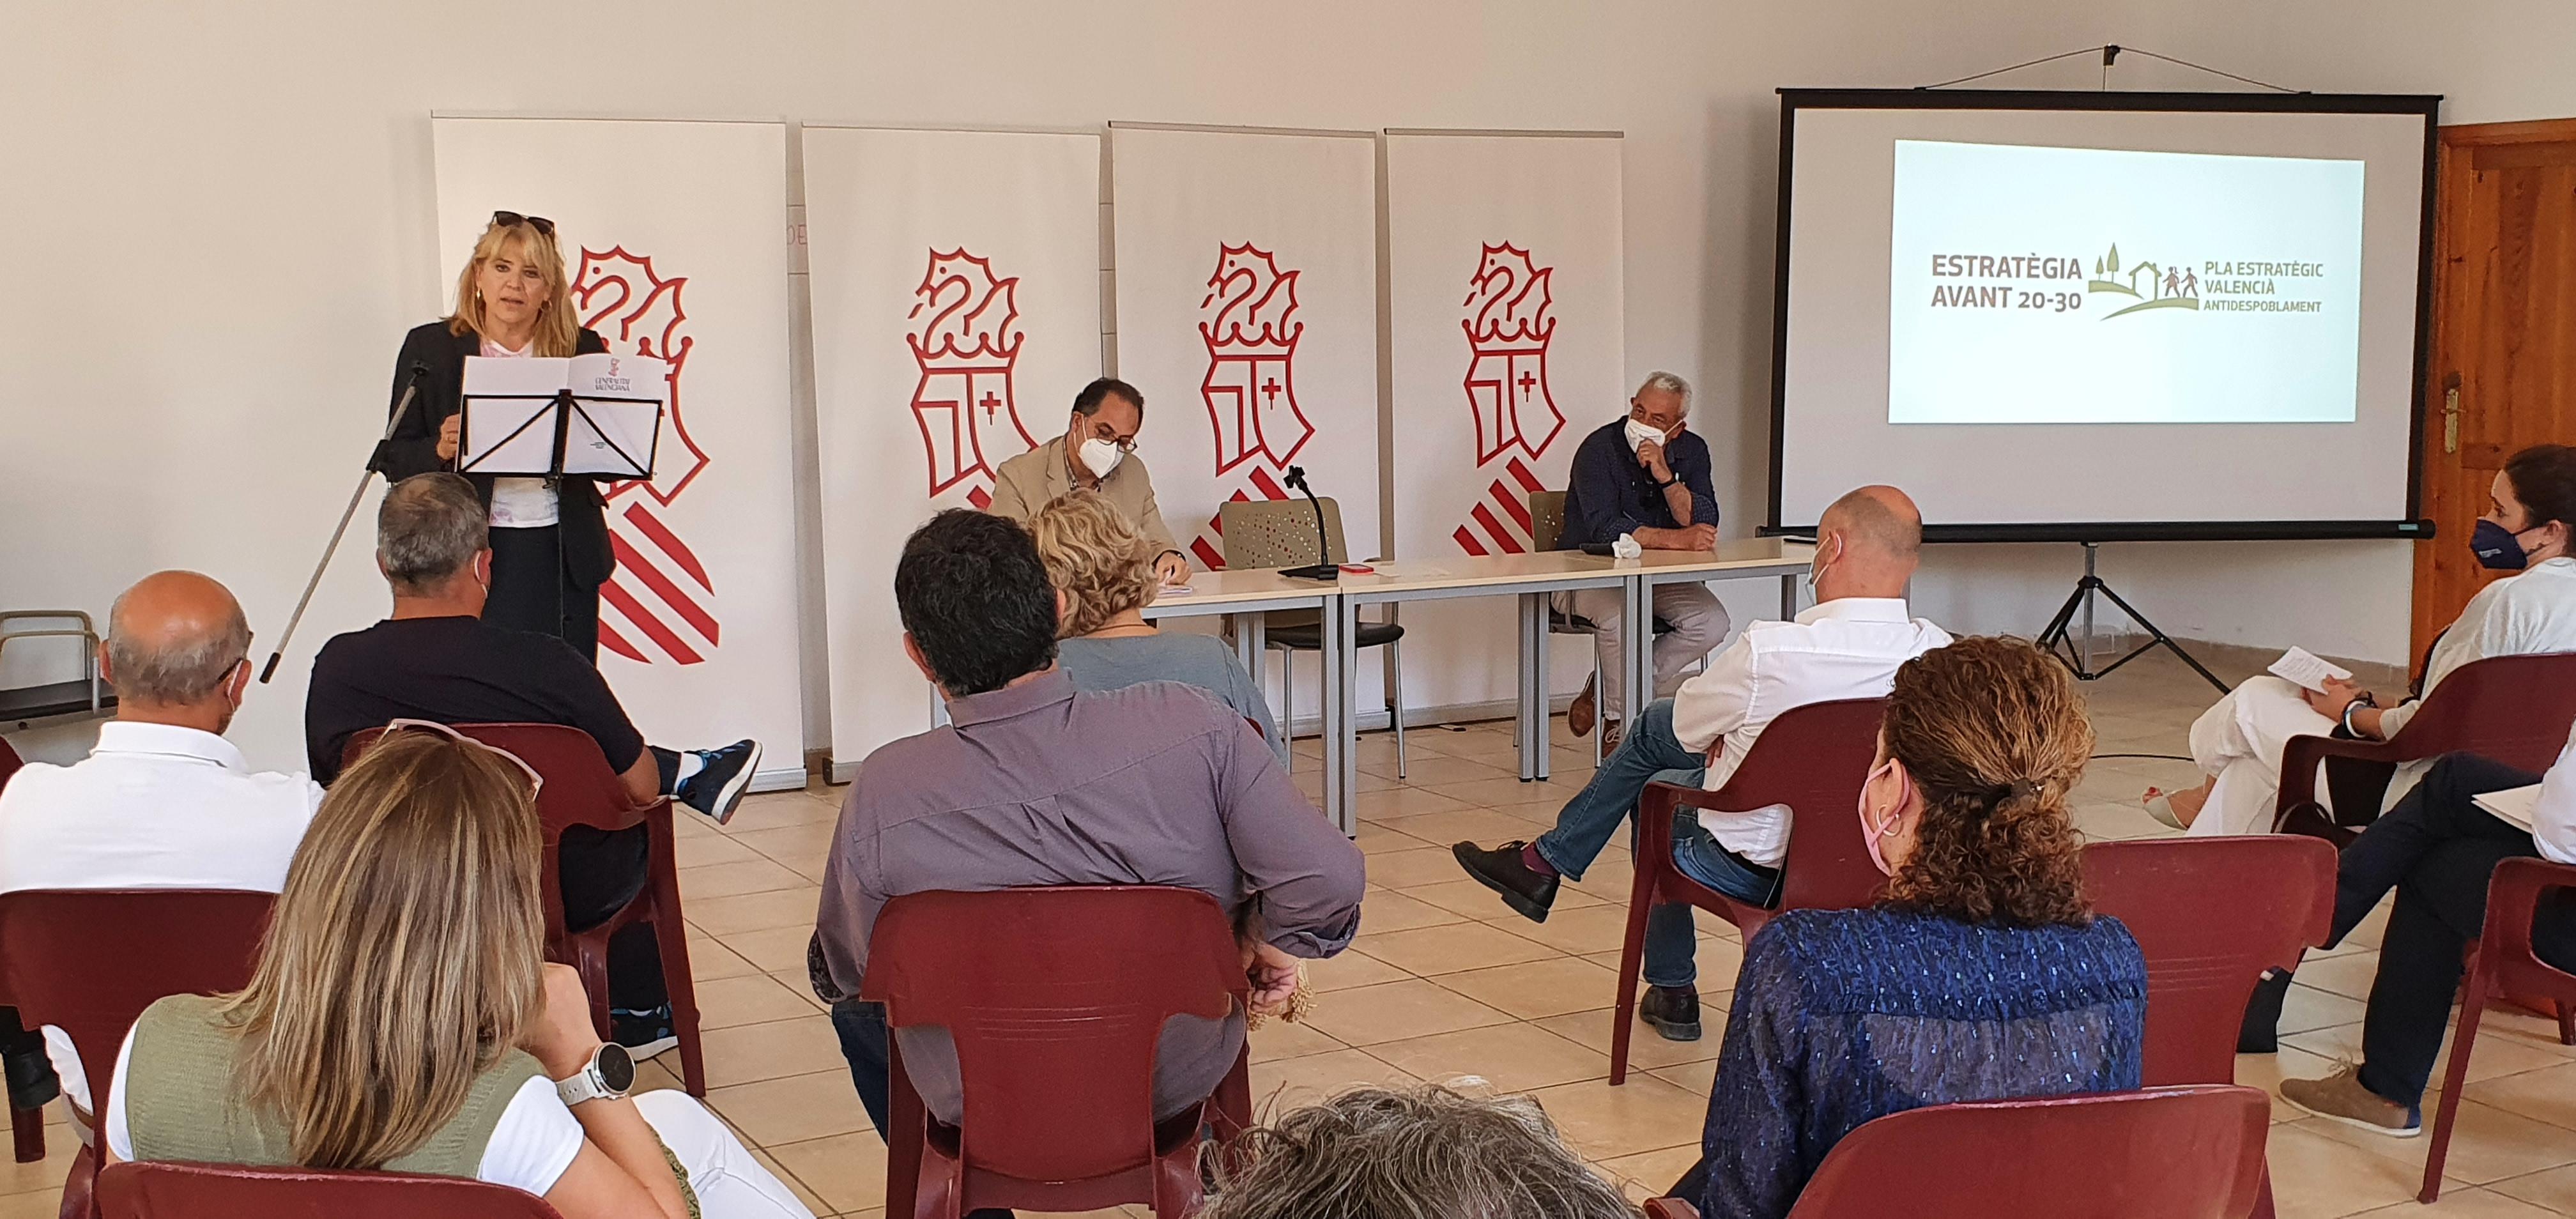 """La Generalitat presenta la Estrategia Avant 20-30 en Penàguila """"como compromiso firme"""" con los municipios de interior"""